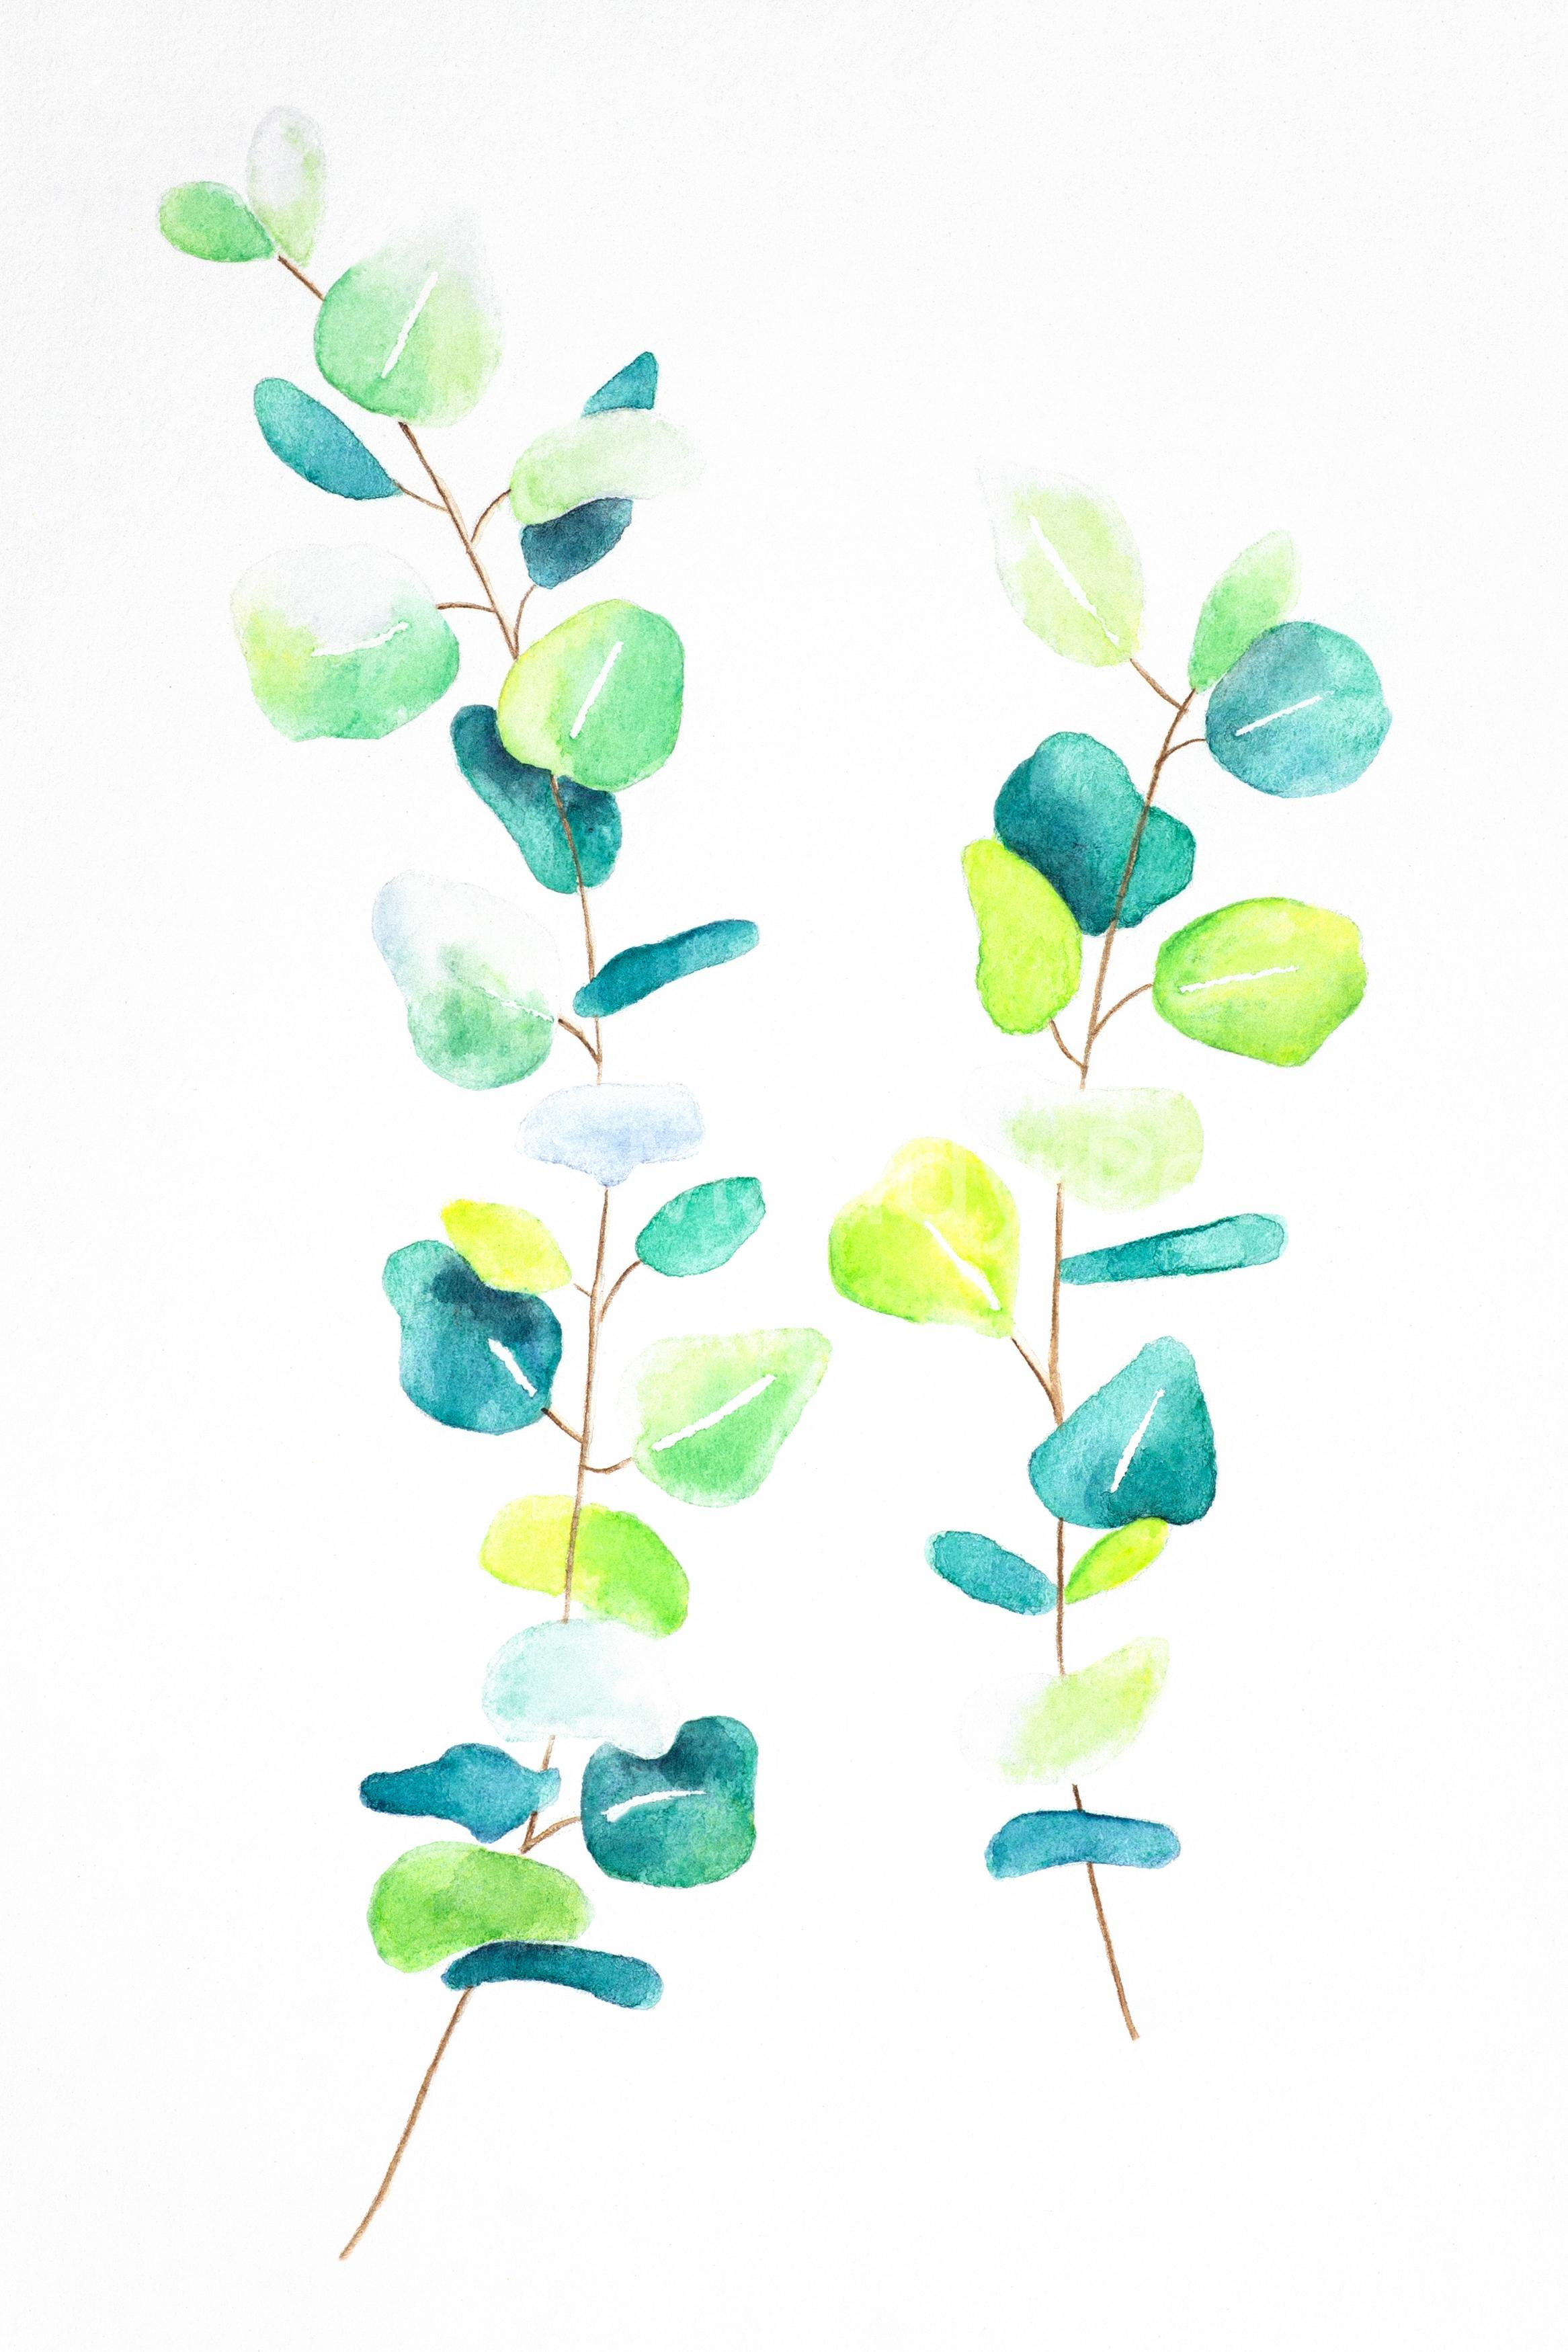 eucalyptuswatermark-3